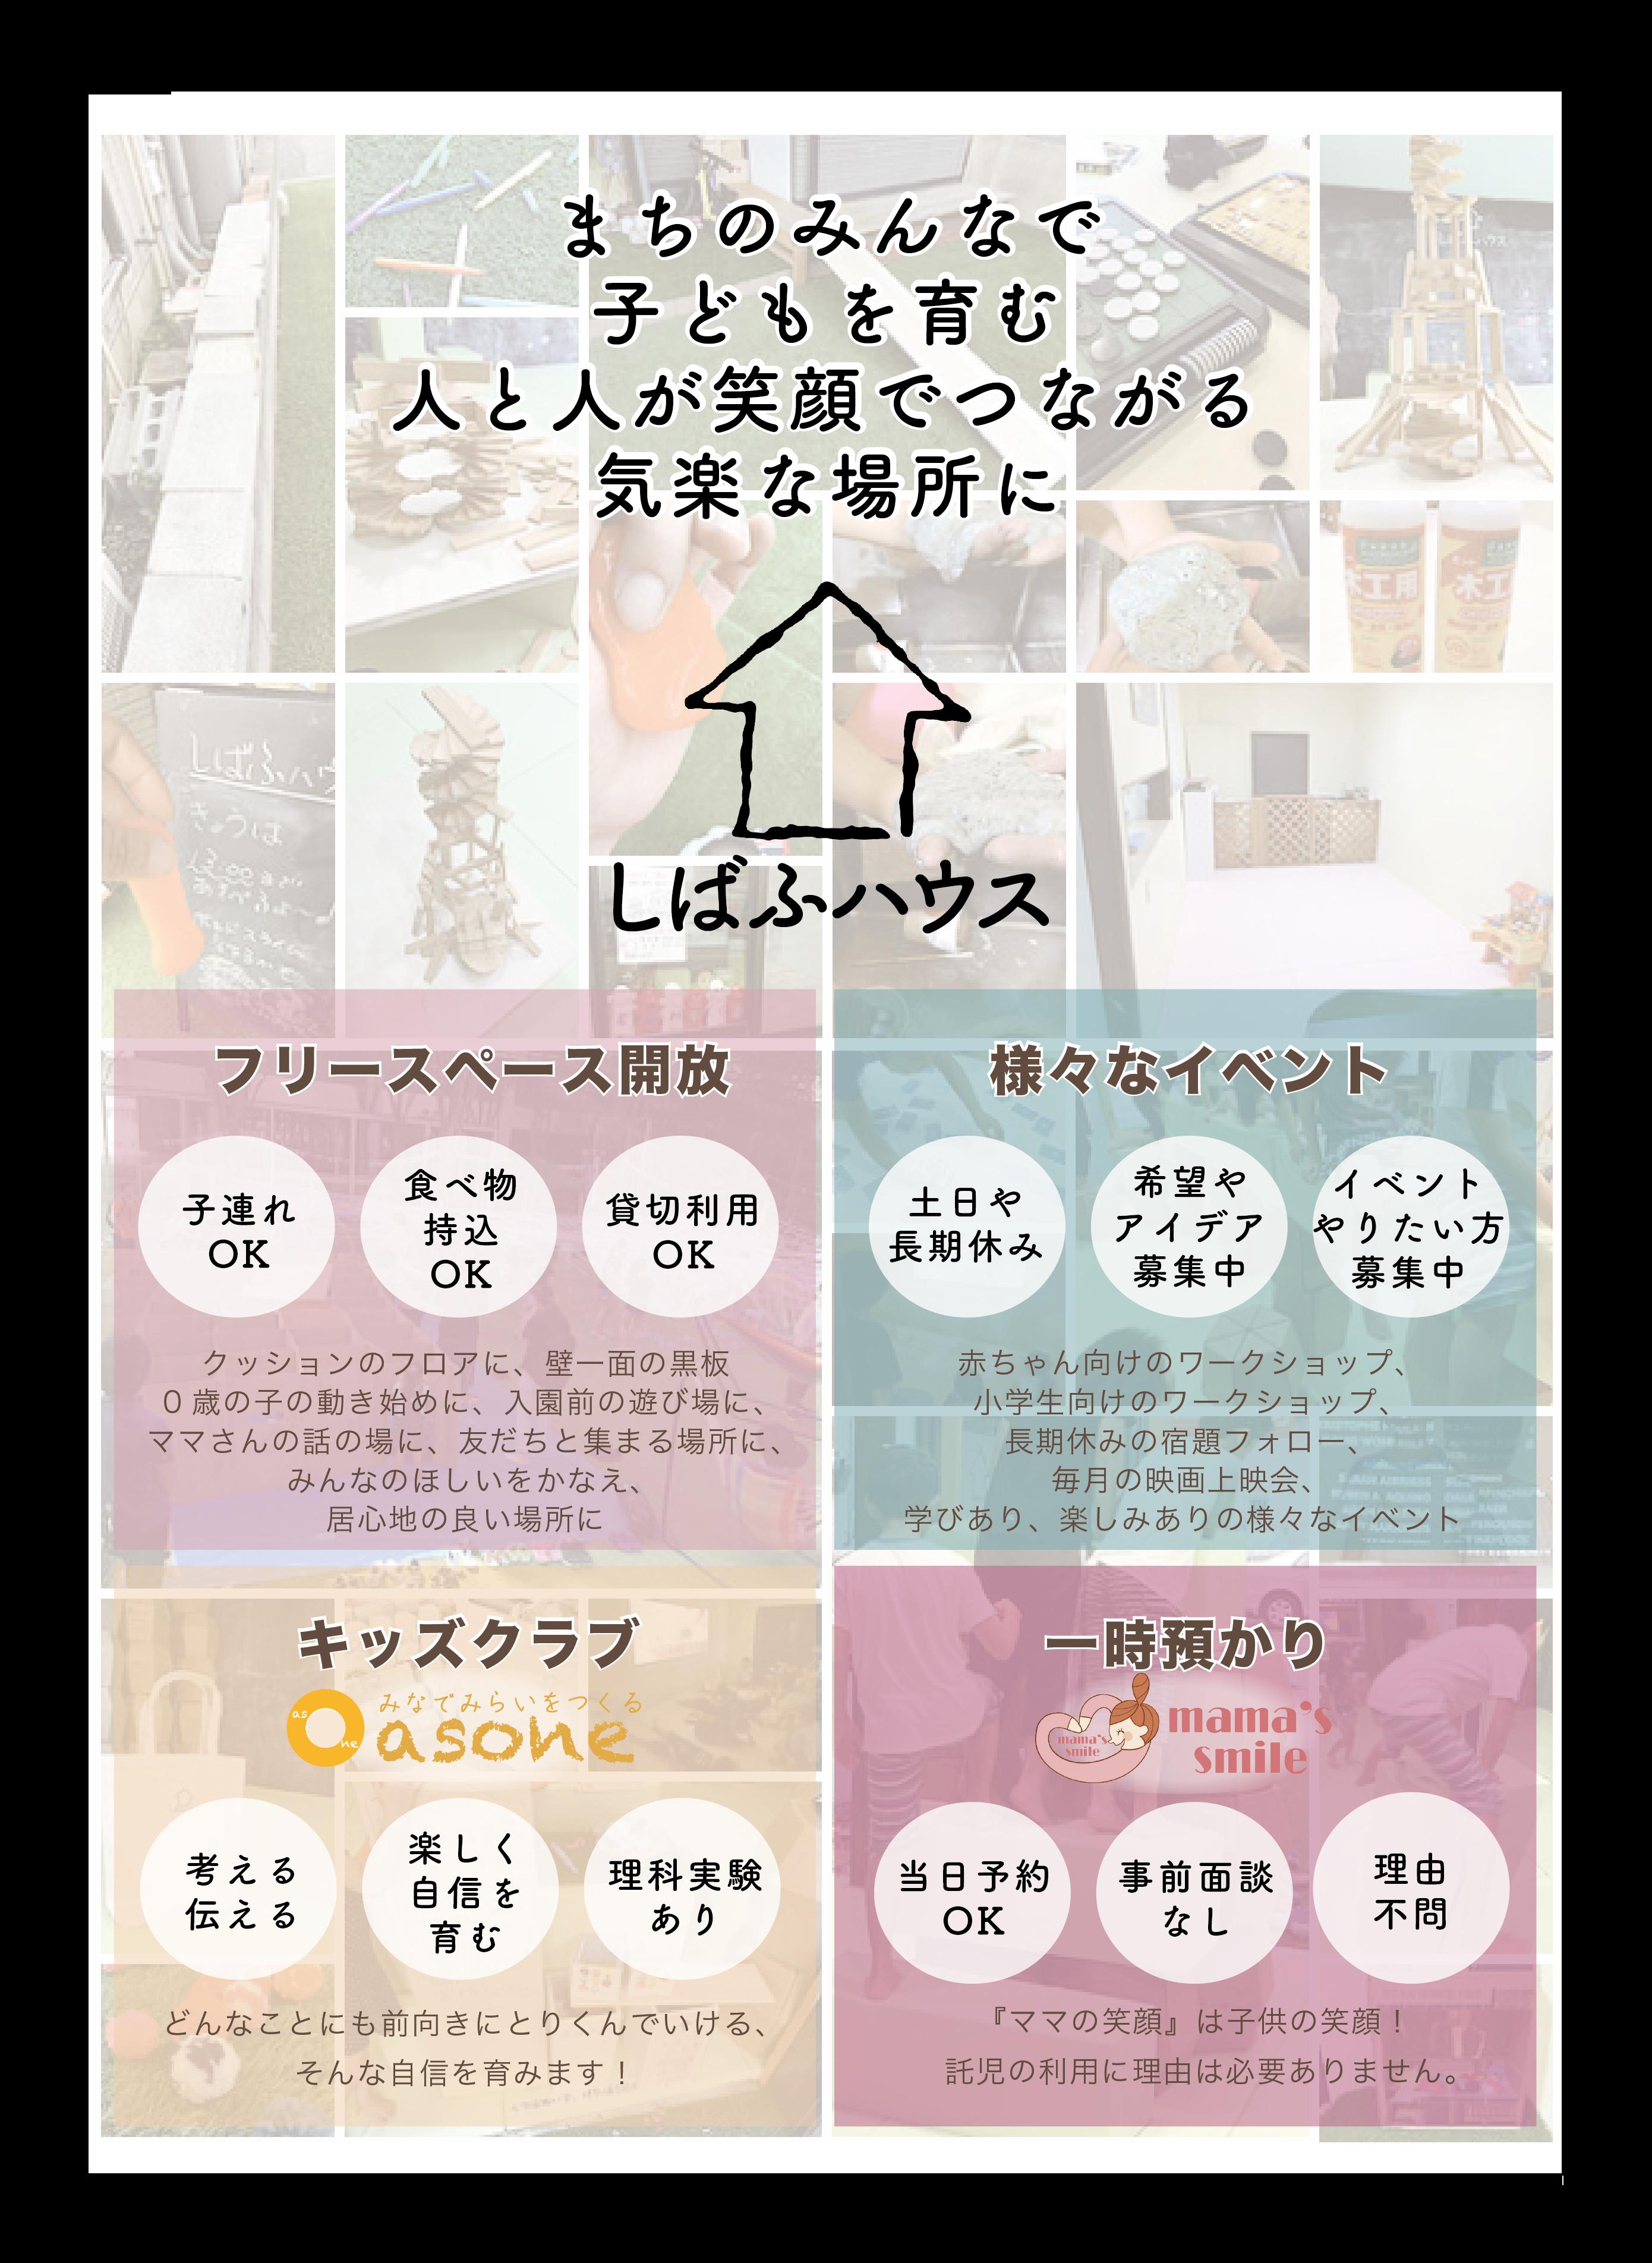 201610しばふハウス表